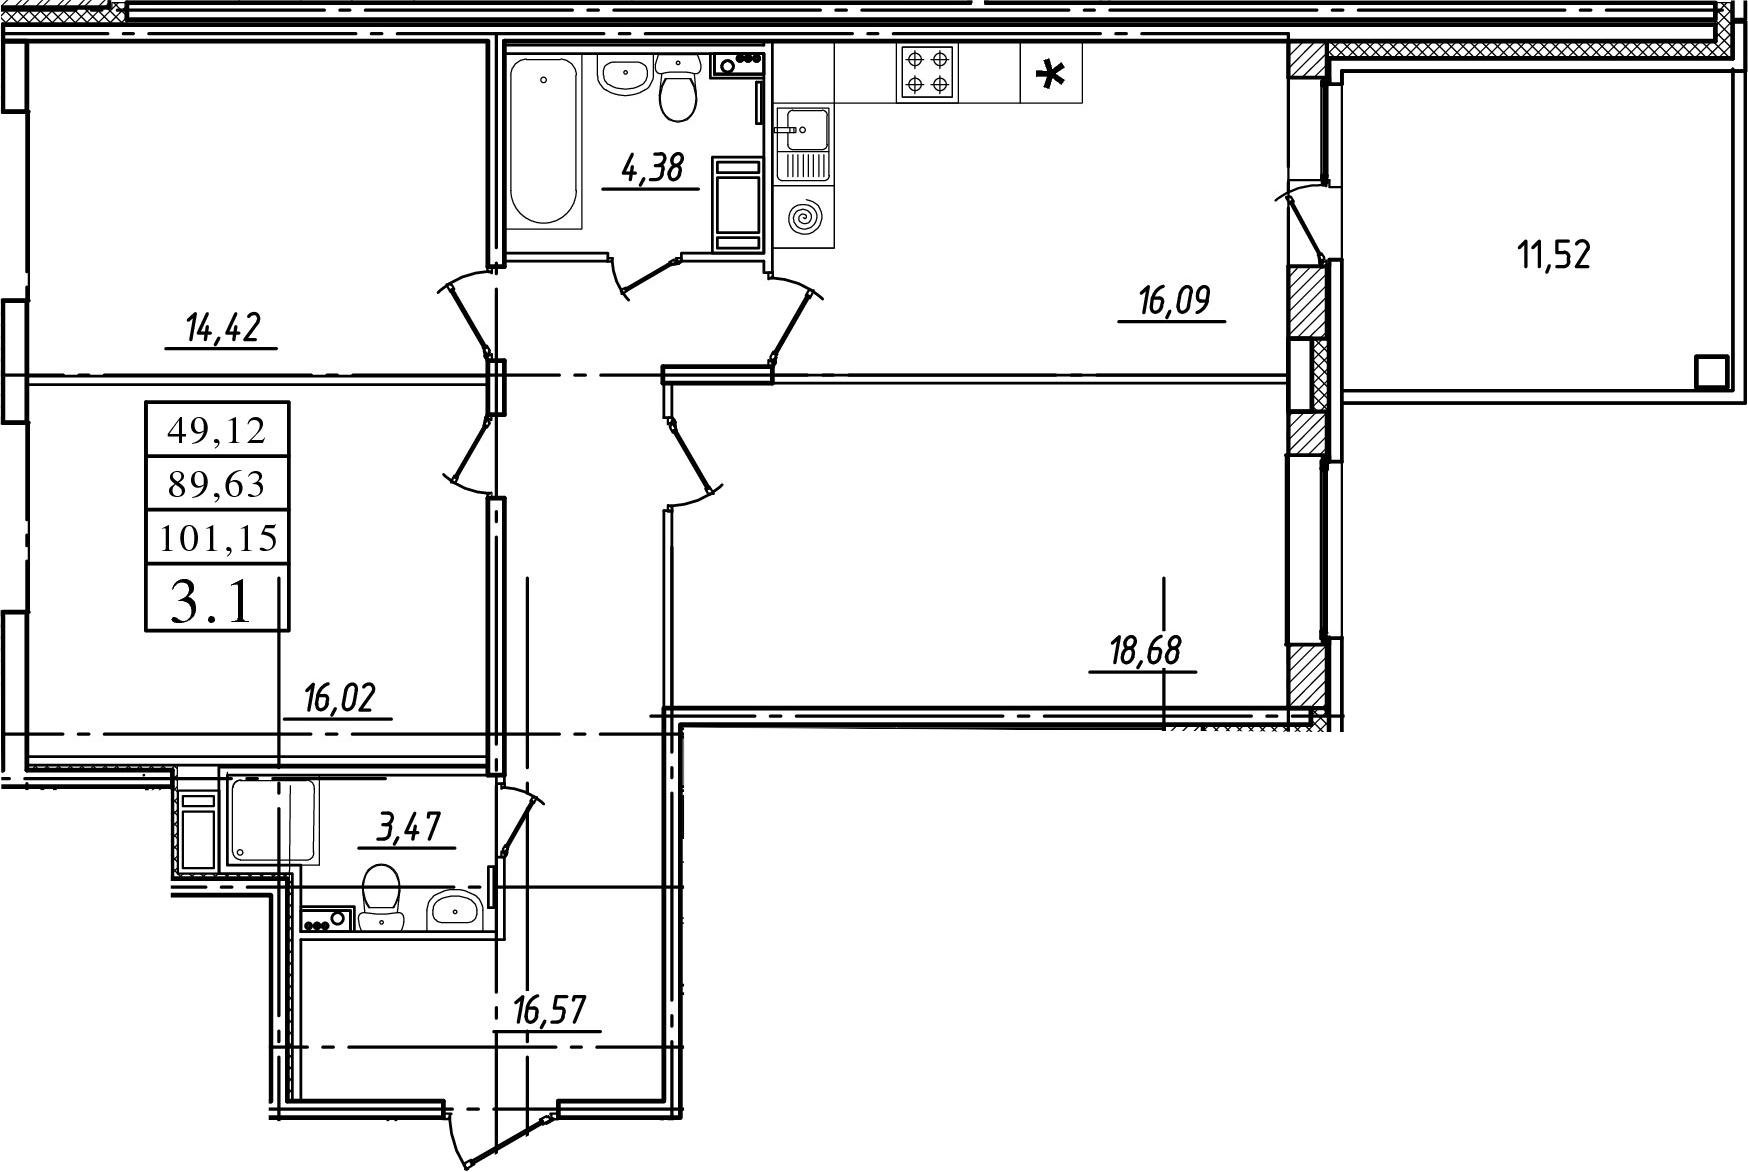 3-комнатная, 89.63 м²– 2